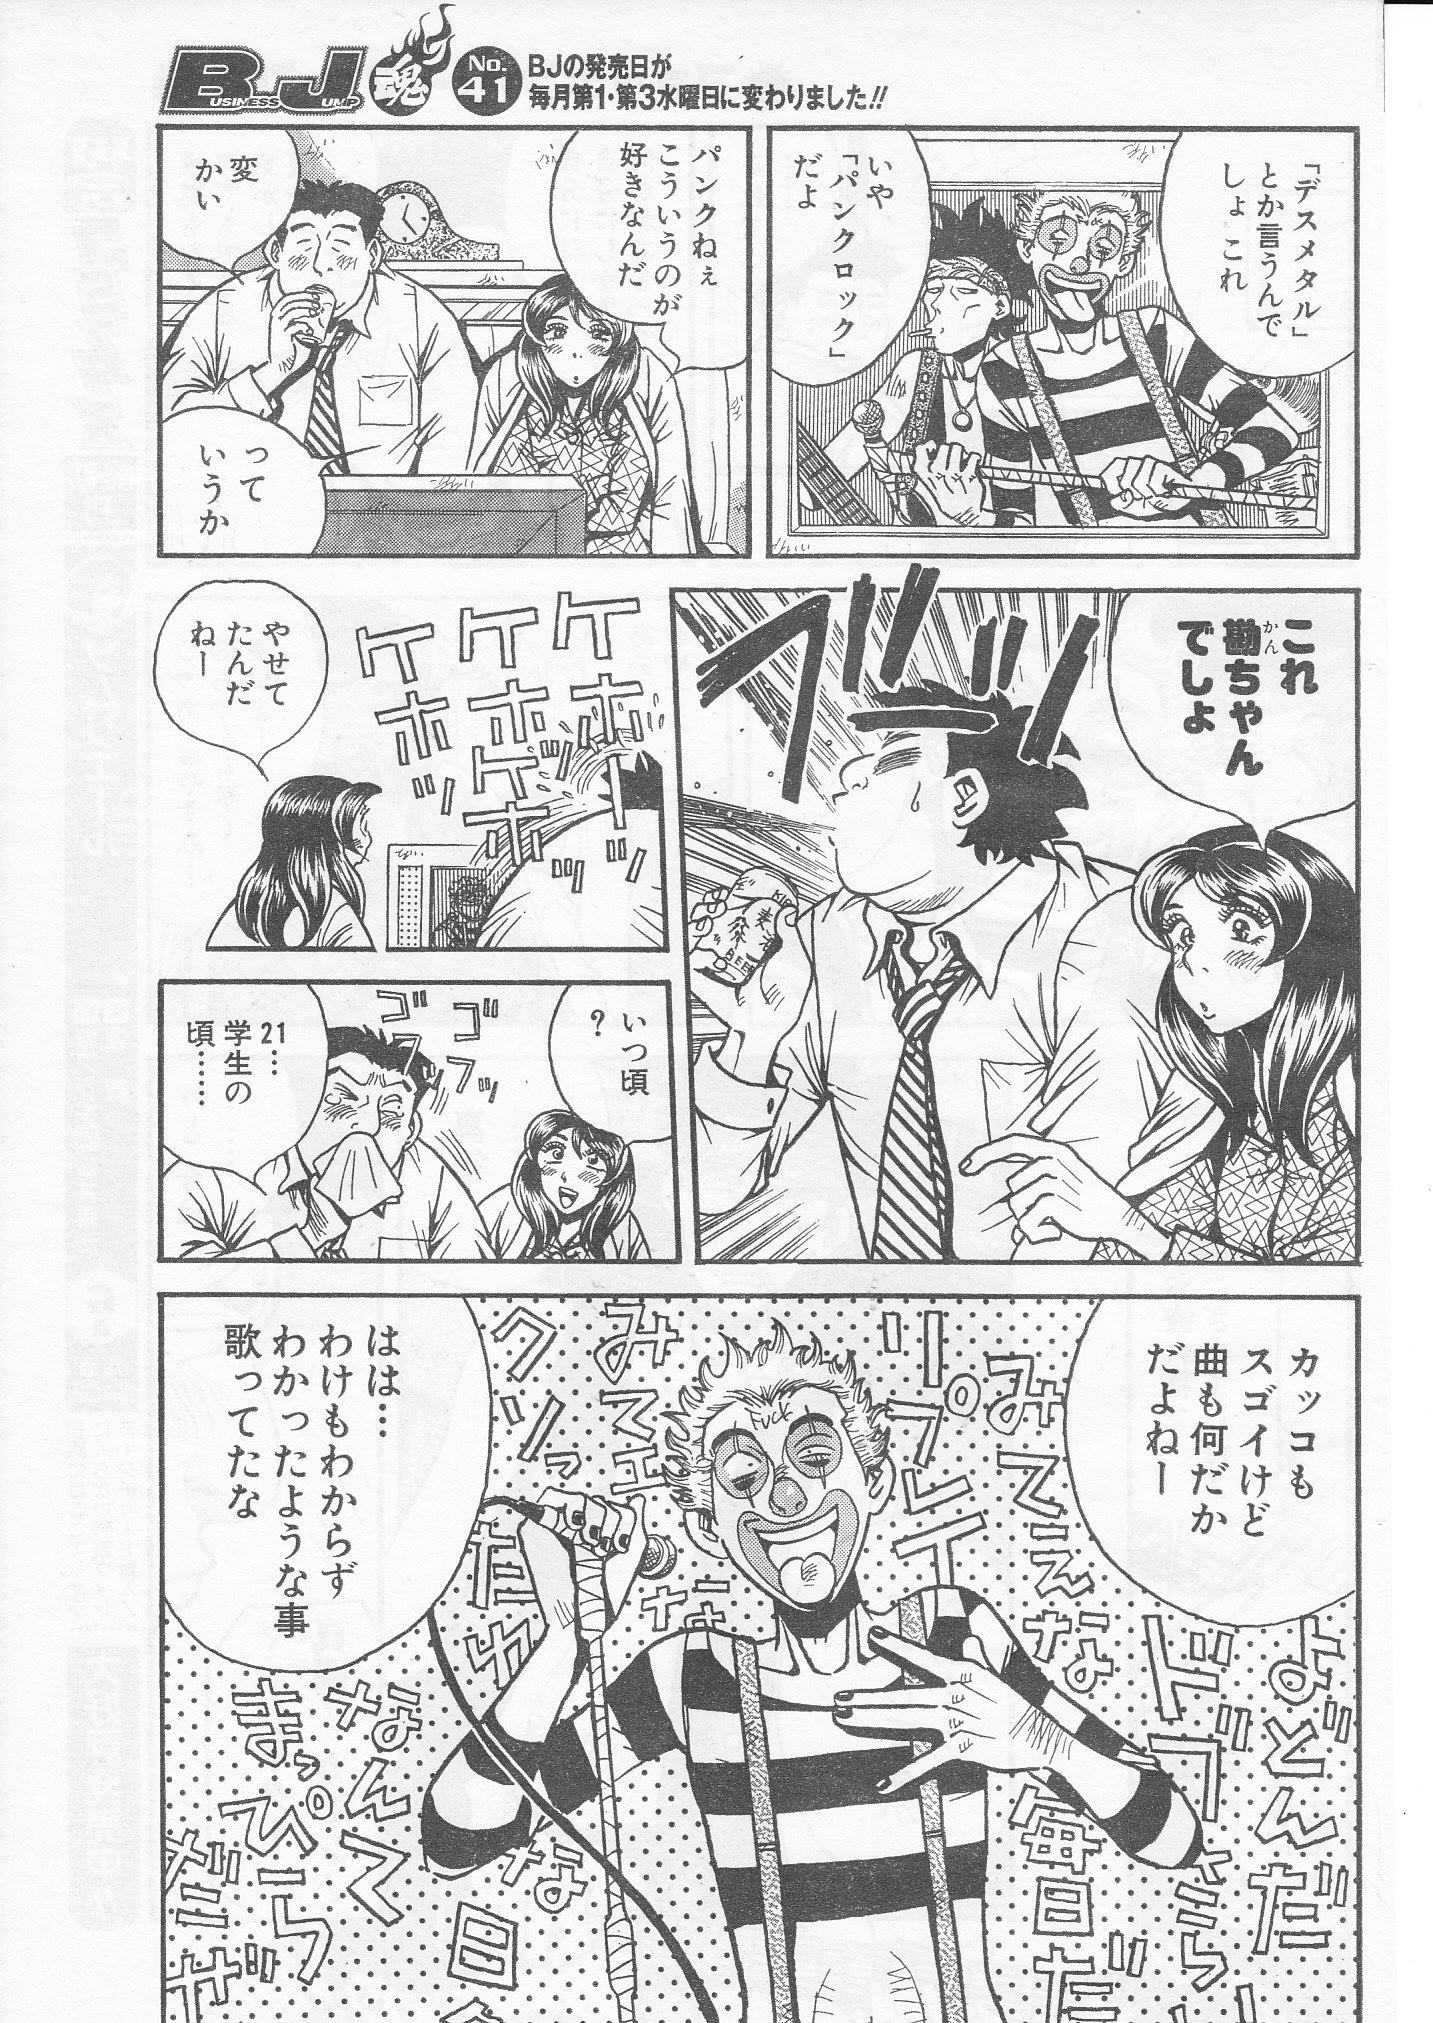 ファッキン・リーマン・ブギ 5/23